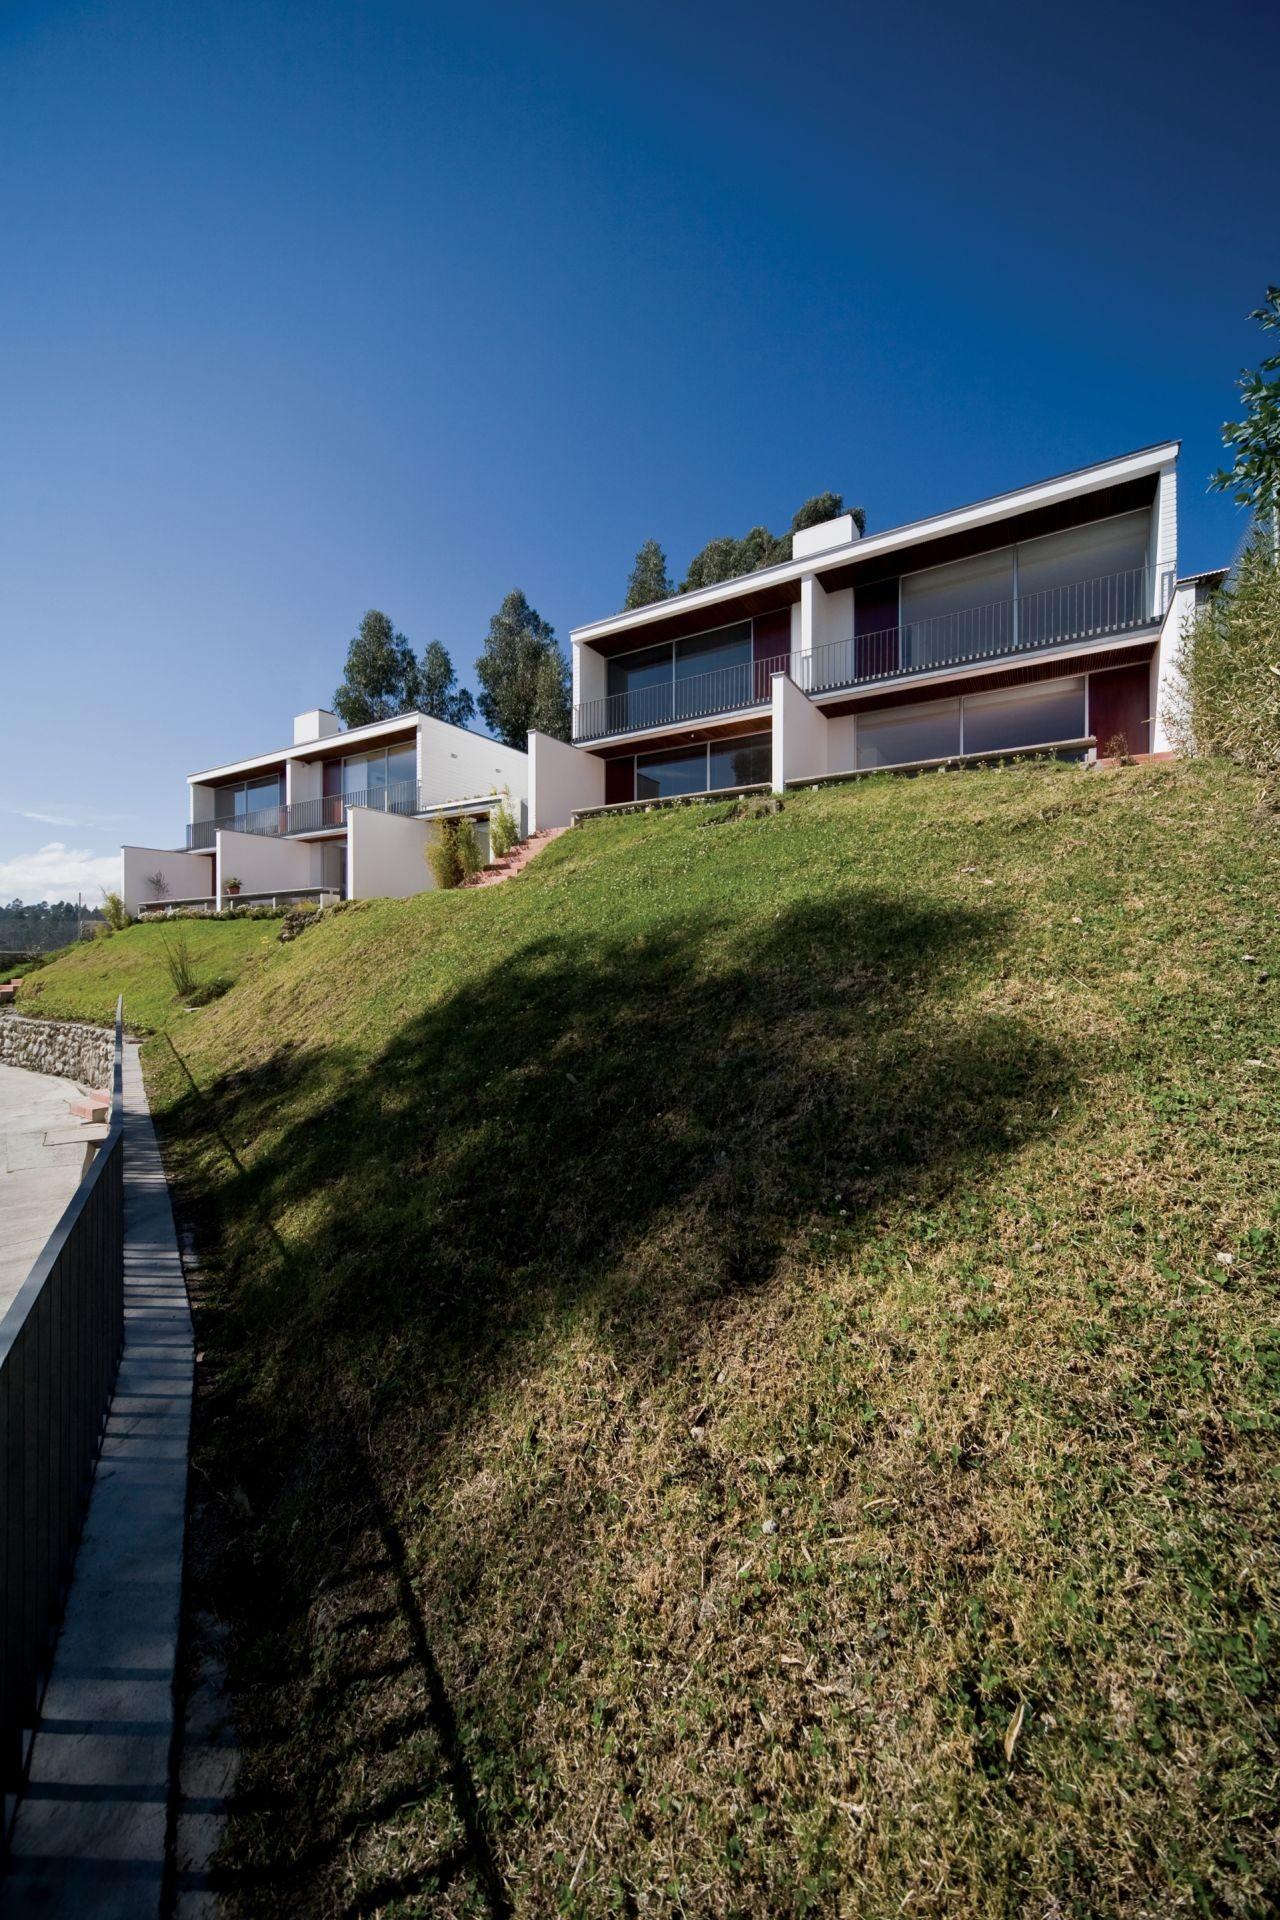 Casas Casicata / DURAN&HERMIDA arquitectos asociados, © Sebastián Crespo